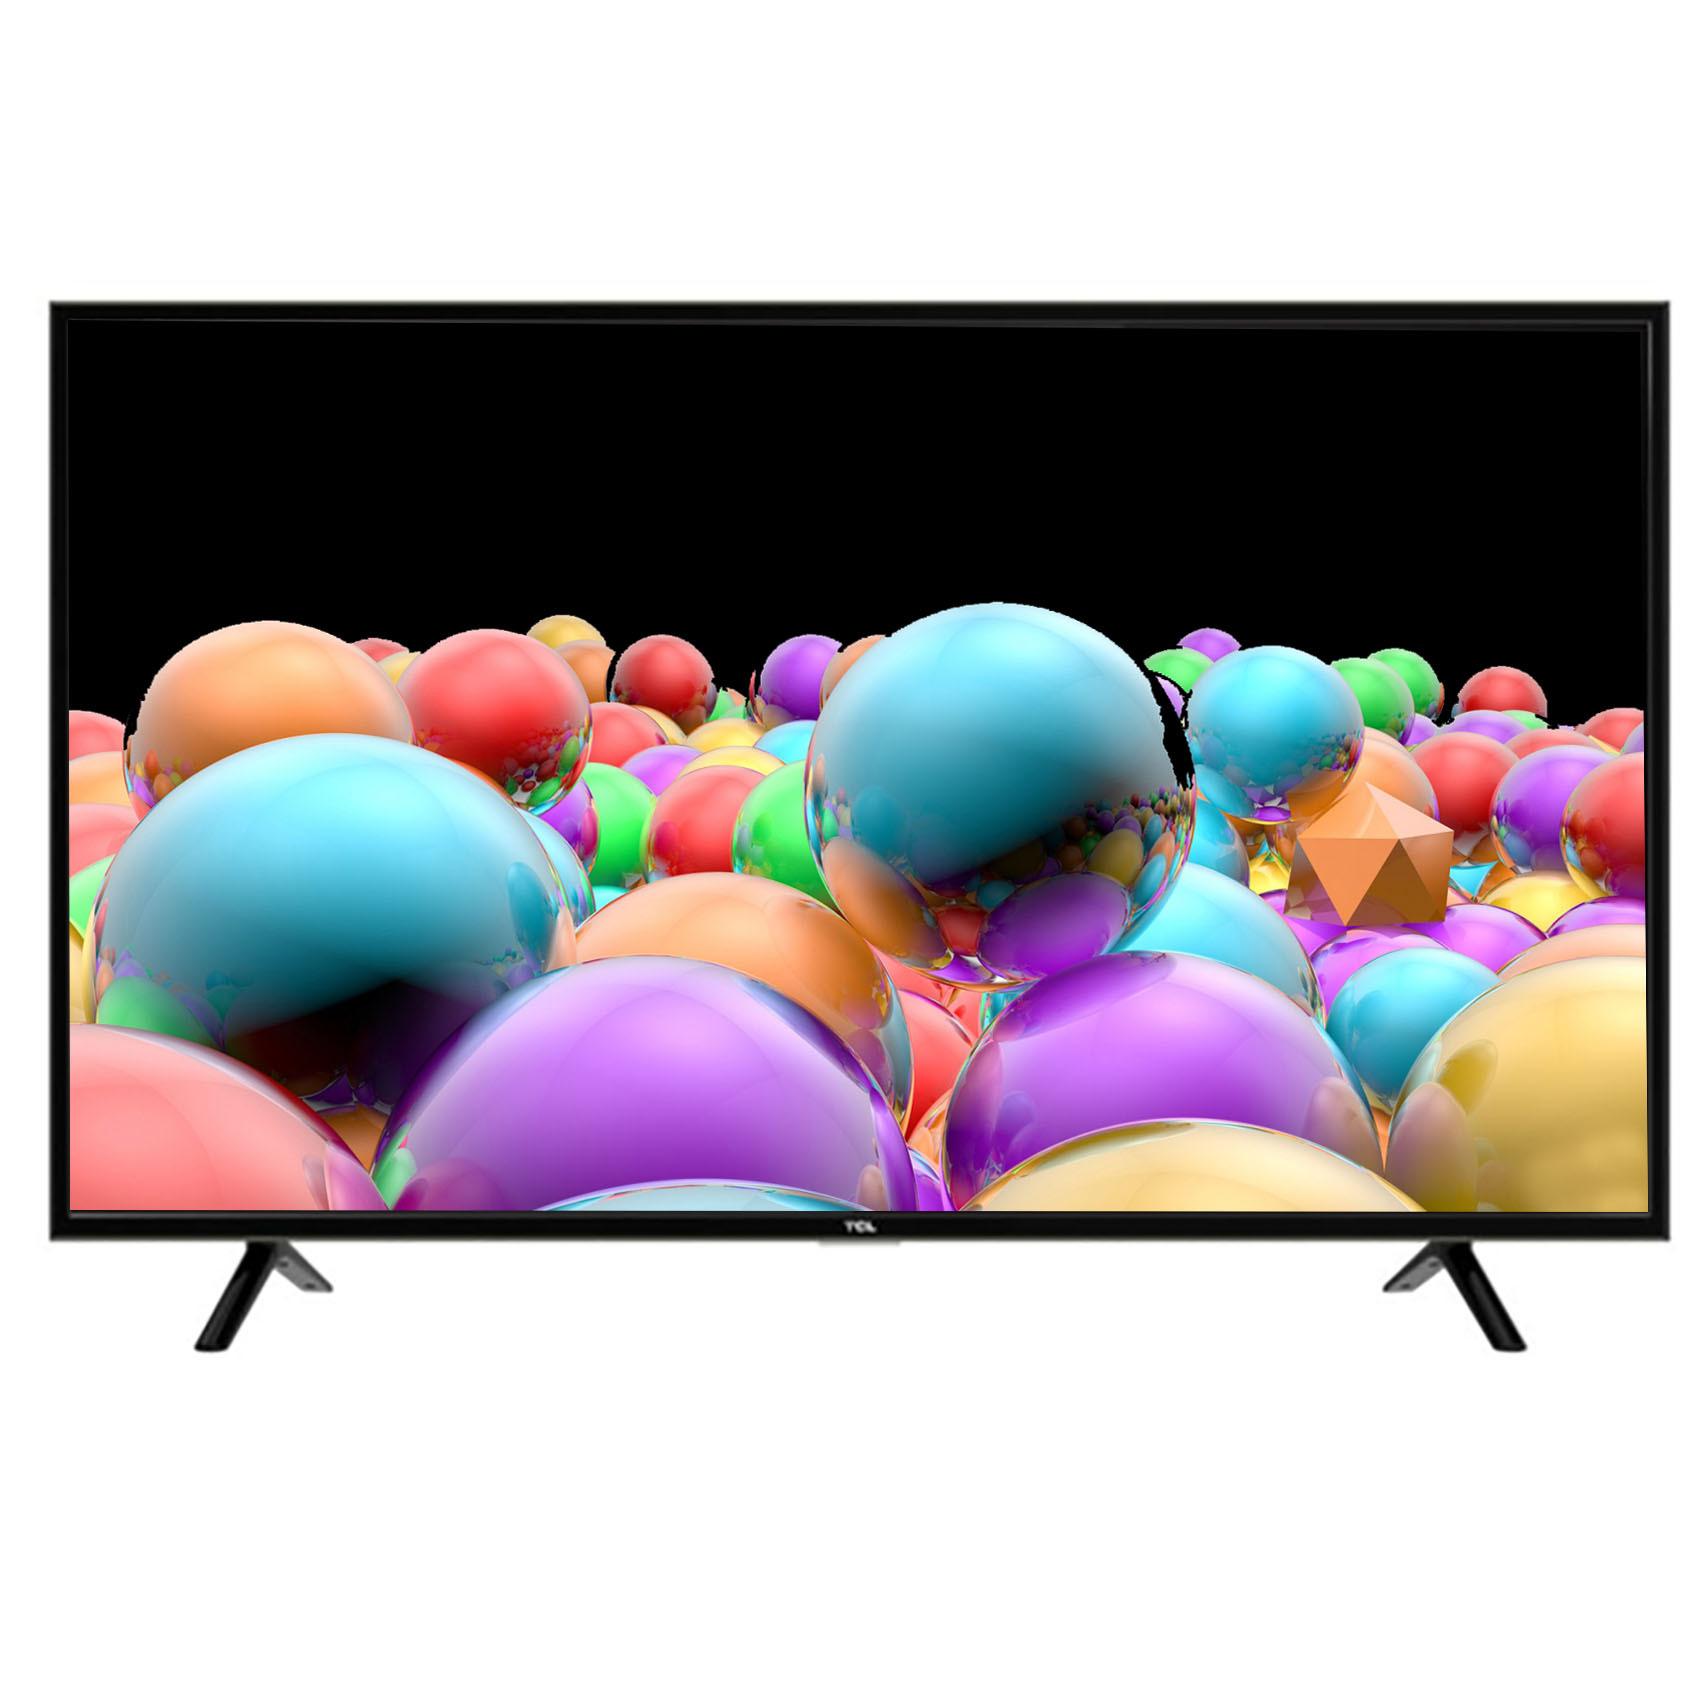 TCL LED TV 32